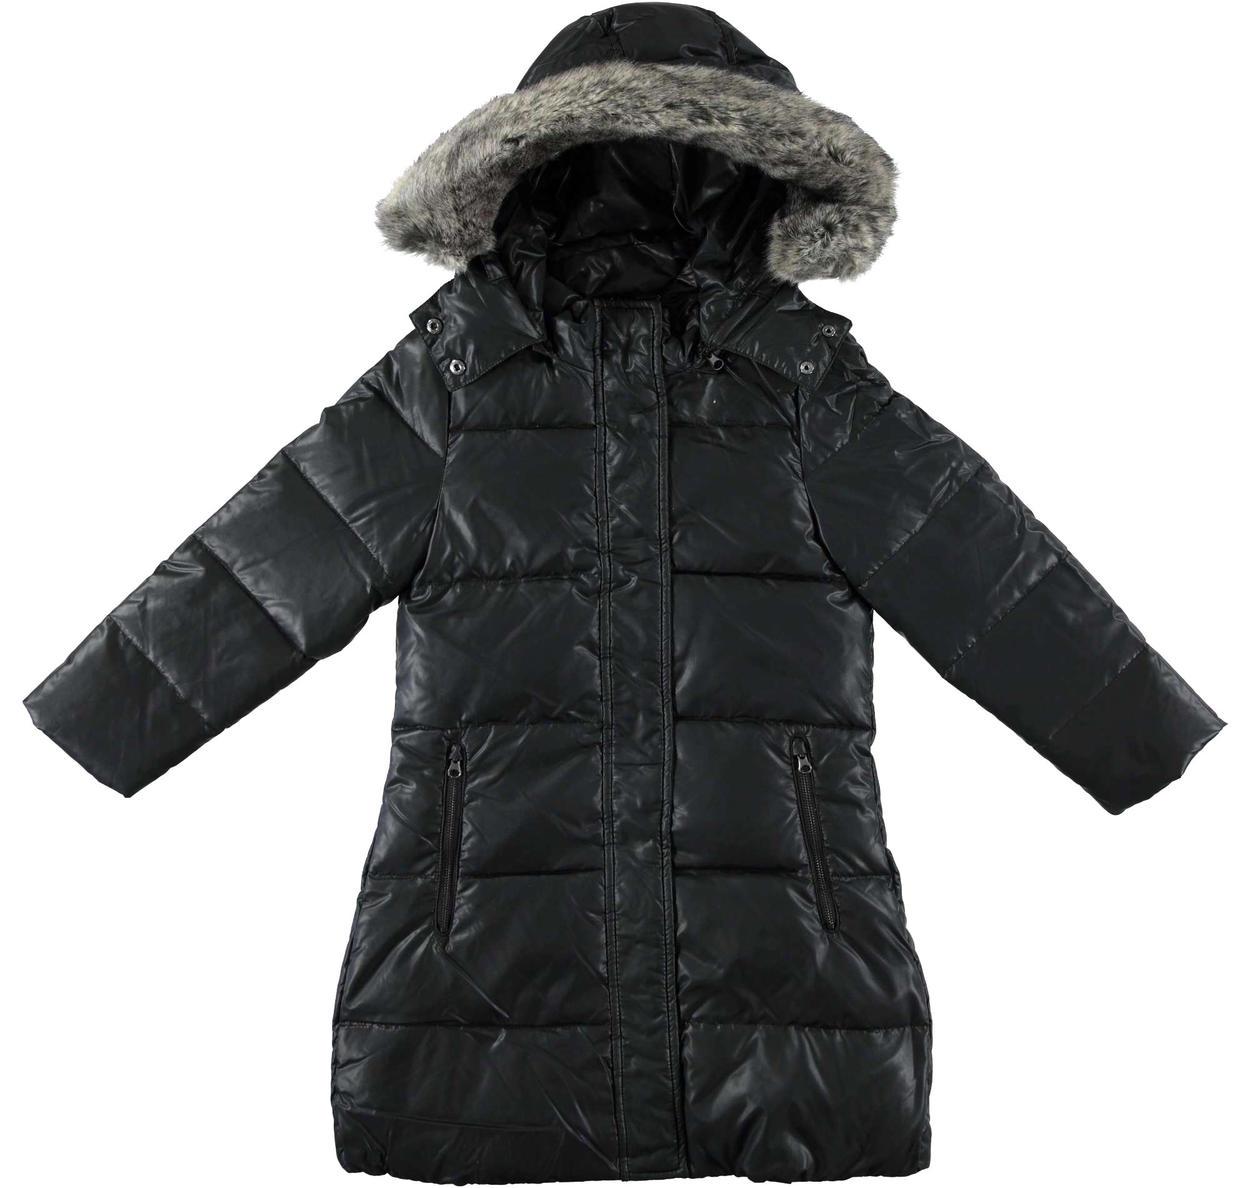 competitive price 16f54 cde63 Piumino lungo in piuma d'oca e foderato in eco pelliccia per bambina da 6 a  16 anni Sarabanda